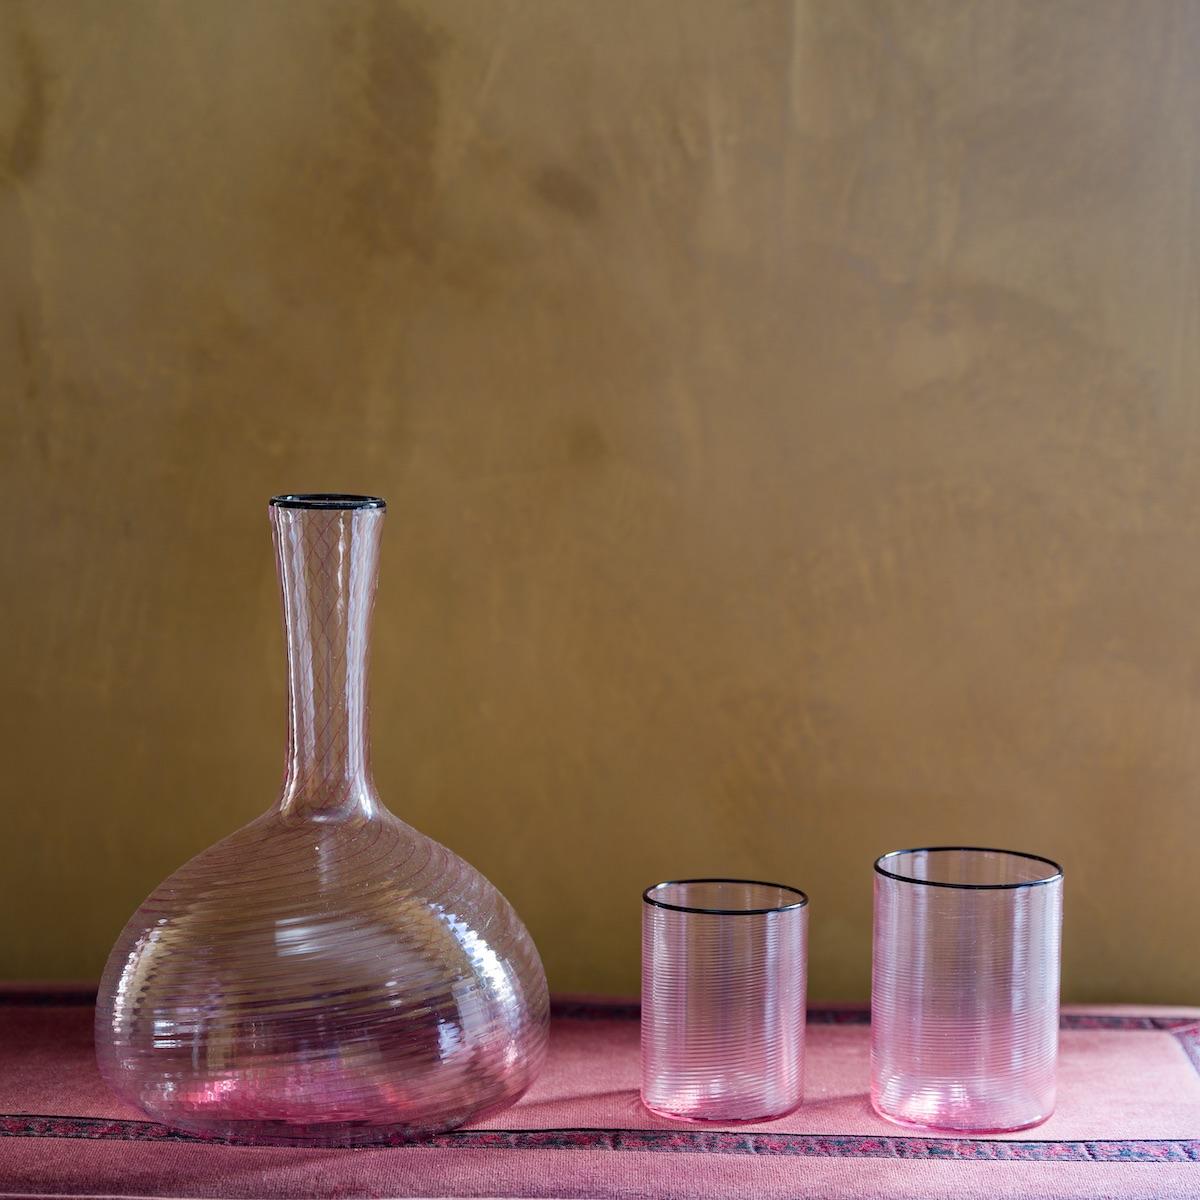 fizzy-jug-pink-murano-glass-water-feminine